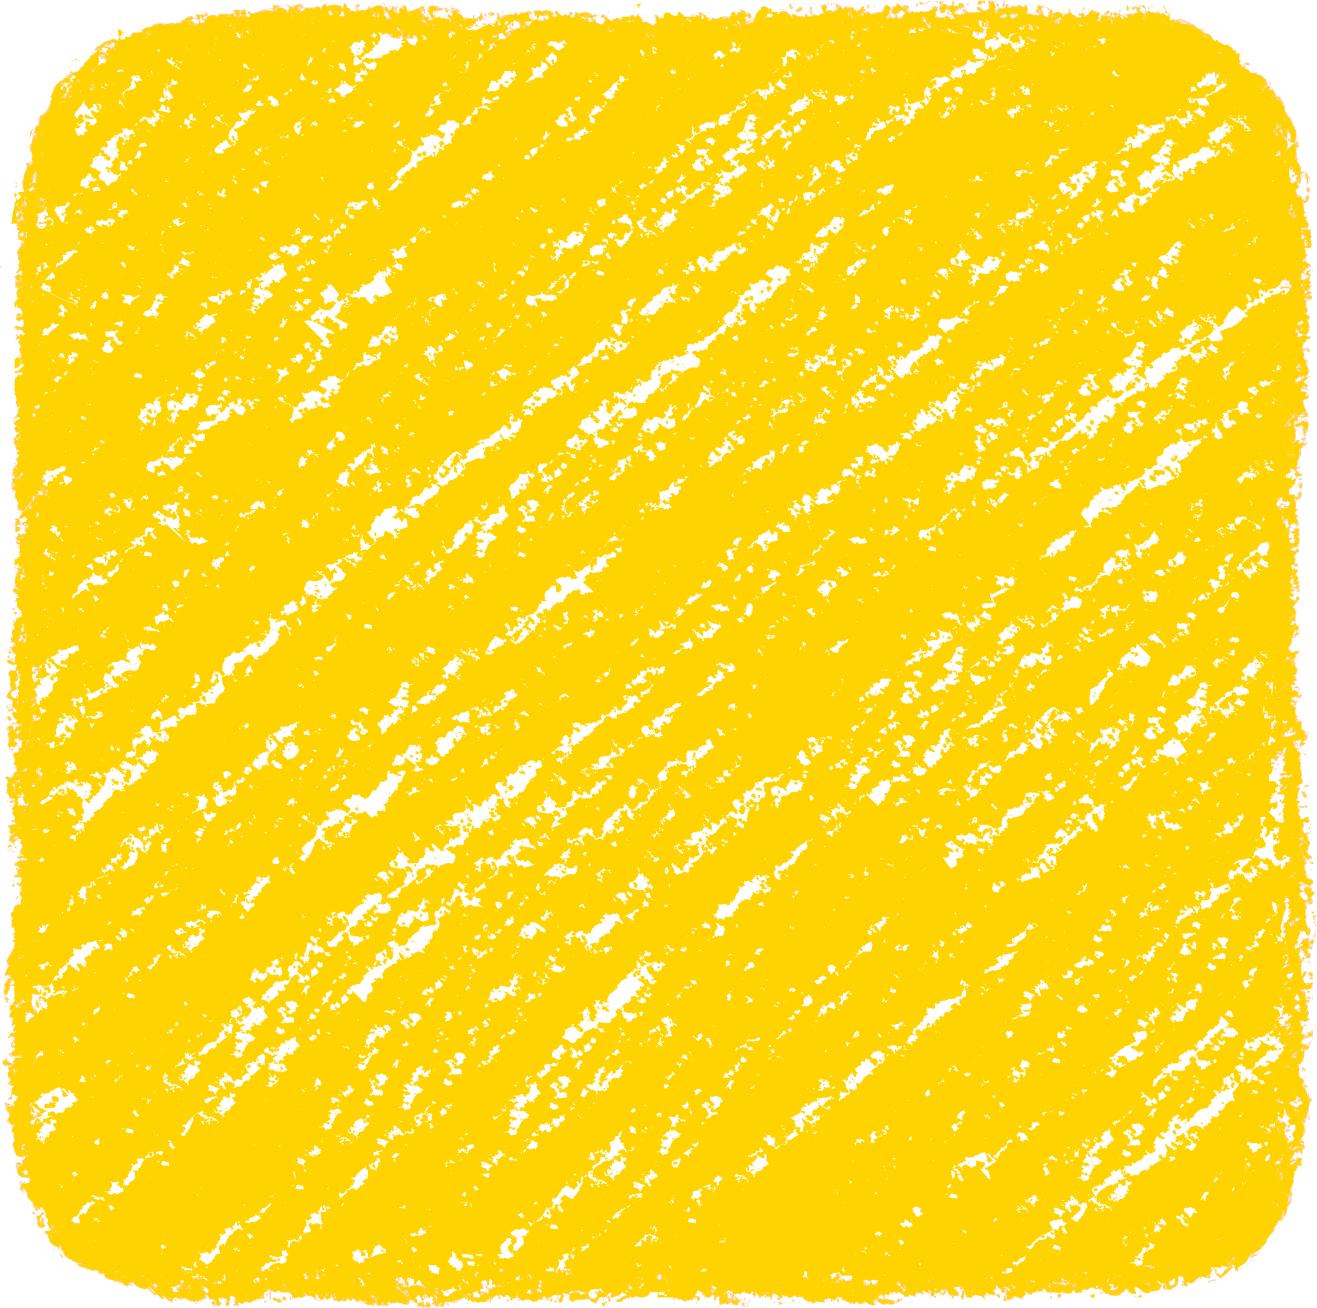 クレヨン塗り背景 黄色 新(イエロー)四角のイラスト square_yellow